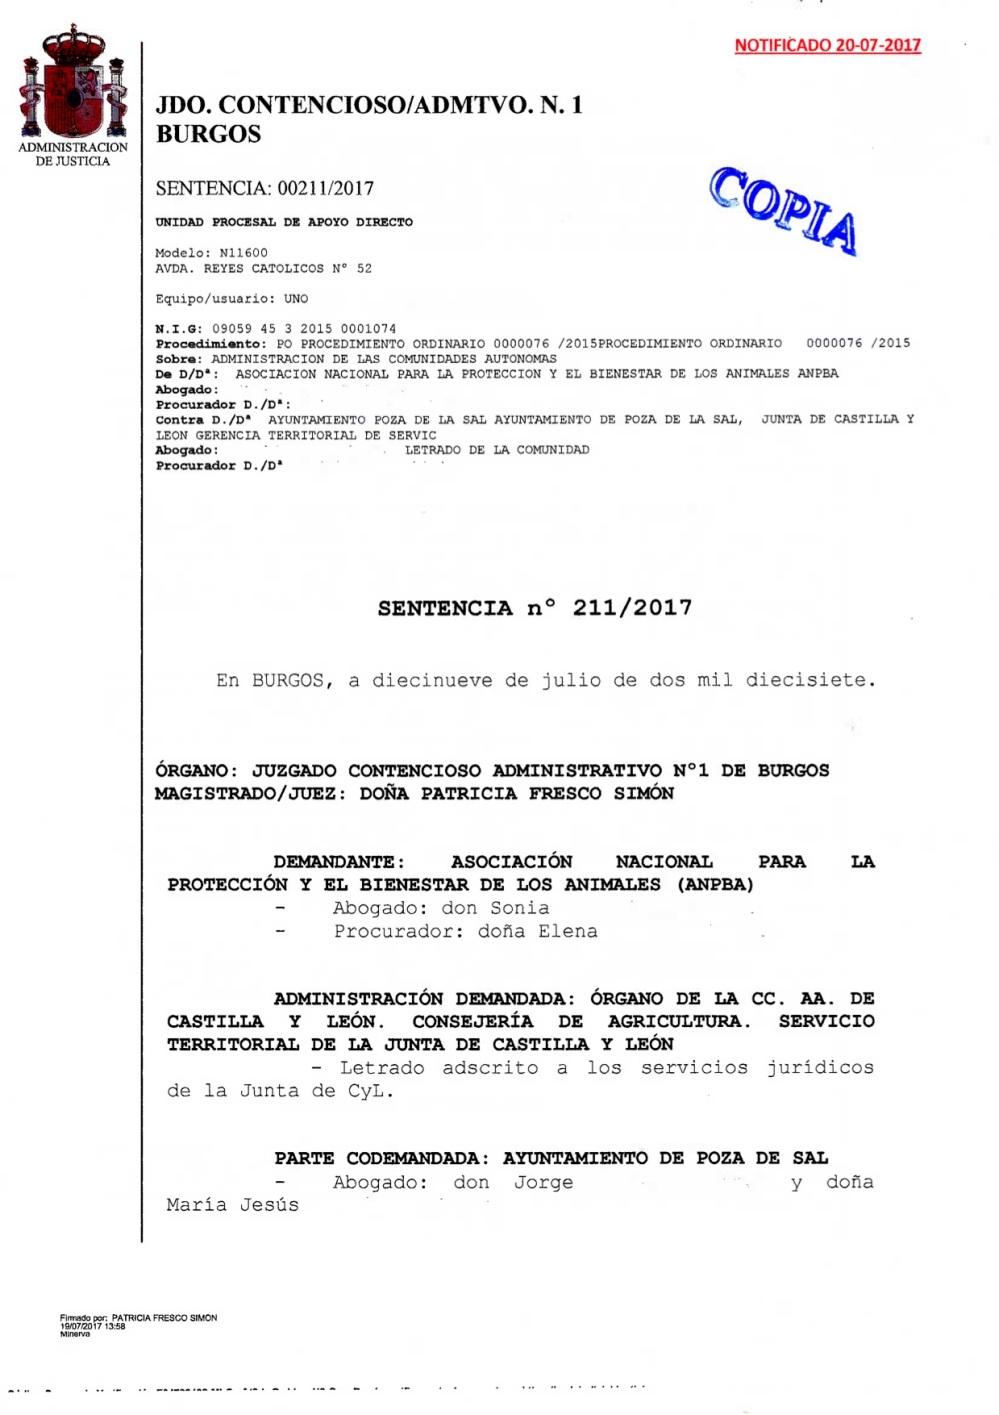 Sentencia 19-07-2017 1Escarrete (anon.)